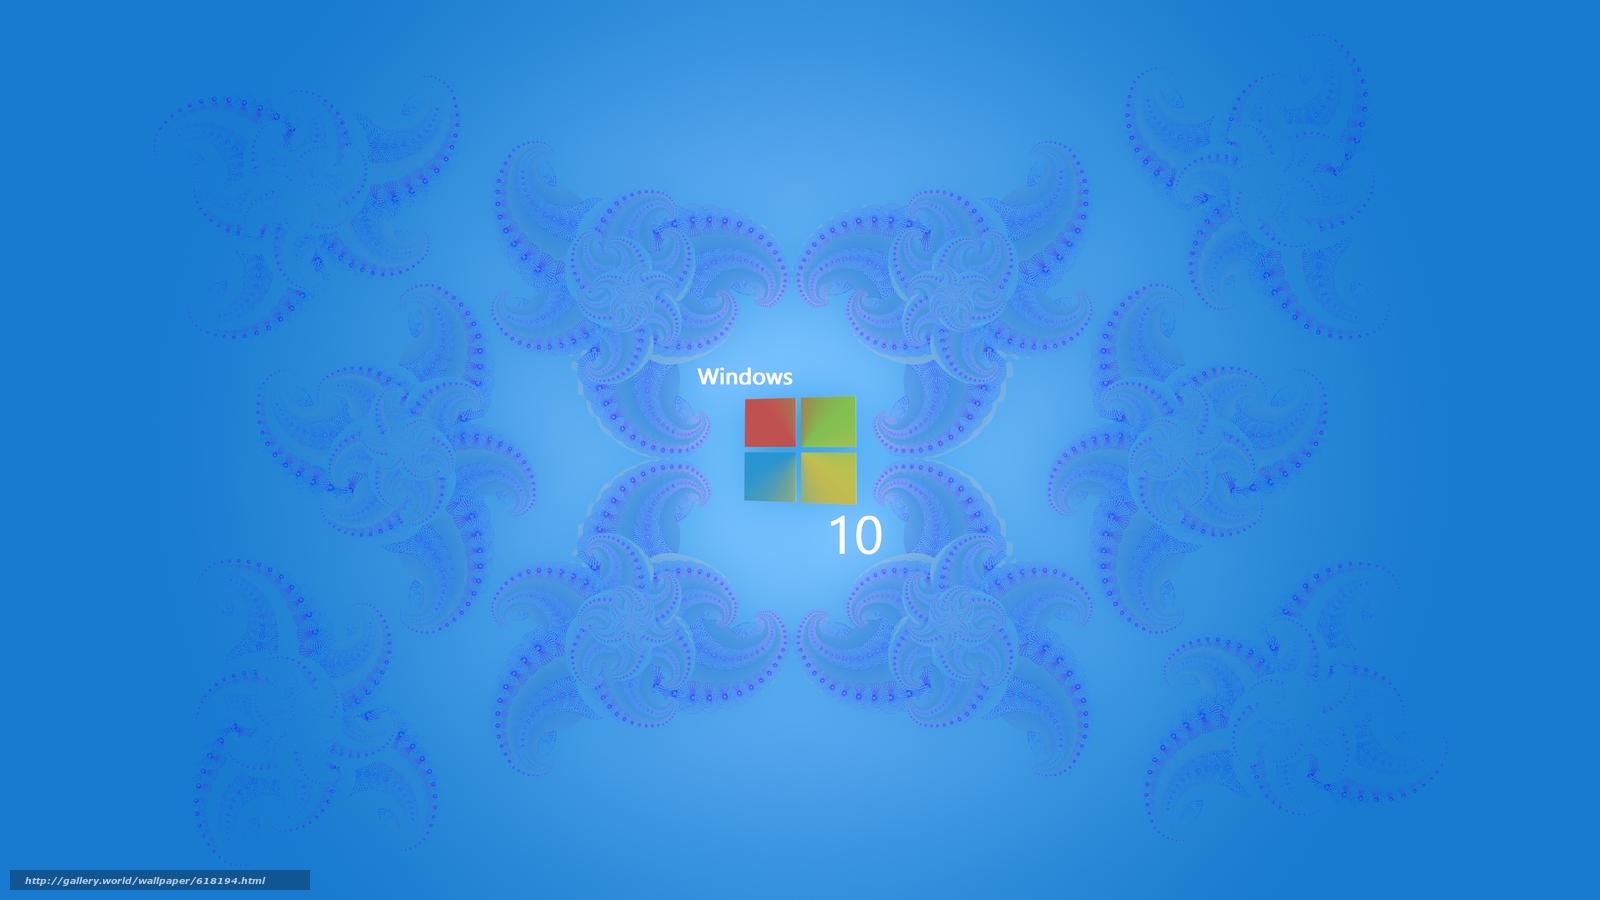 Descargar gratis ventanas 10,  papel pintado,  papel pintado Fondos de escritorio en la resolucin 5120x2880 — imagen №618194